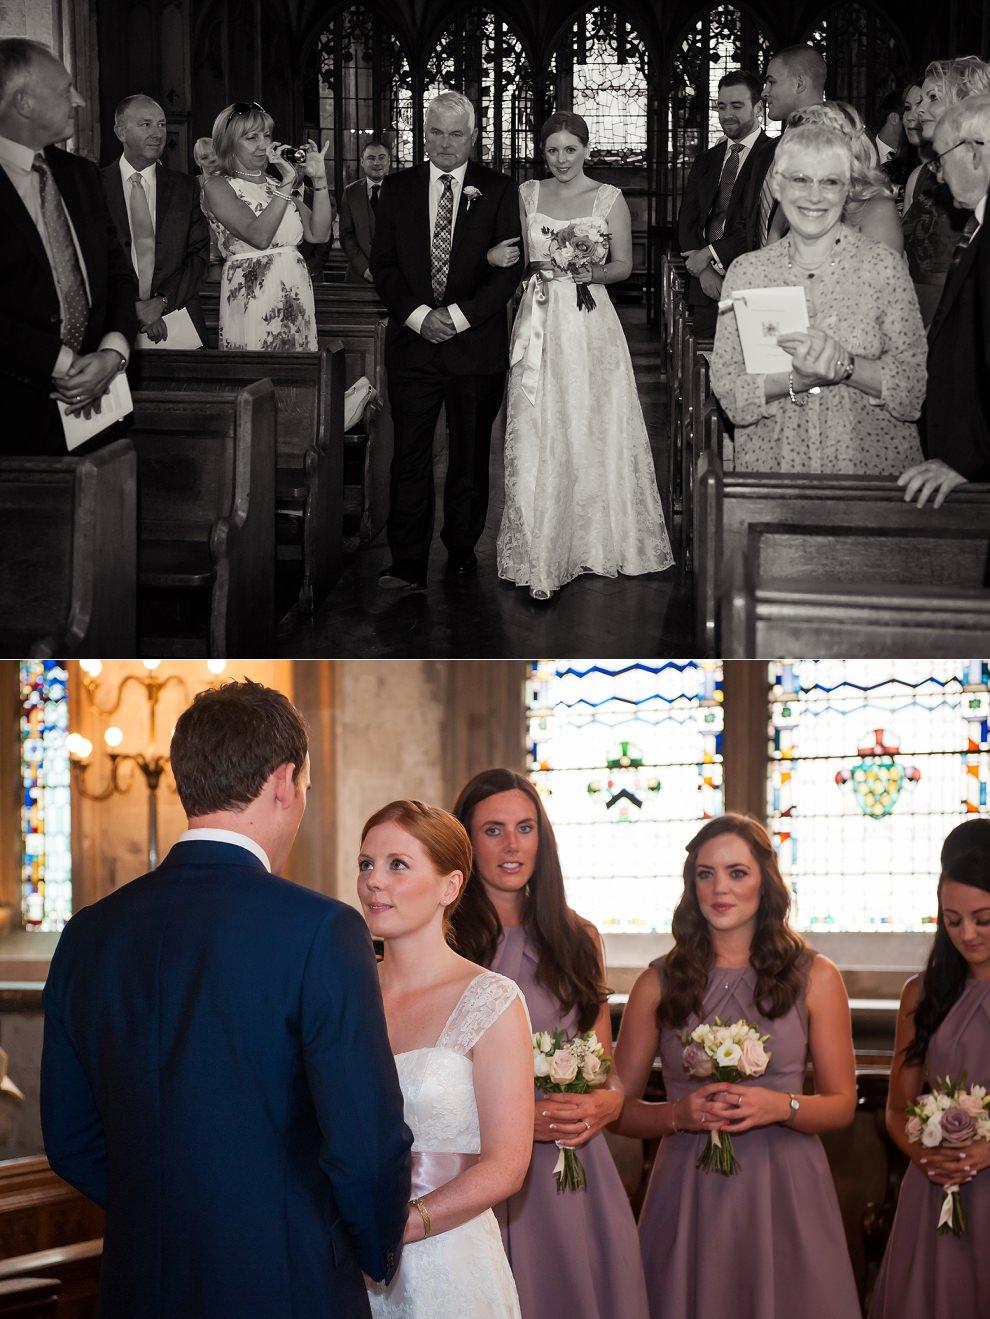 Farringdon-Wedding-St-Etheldredas-Church-05